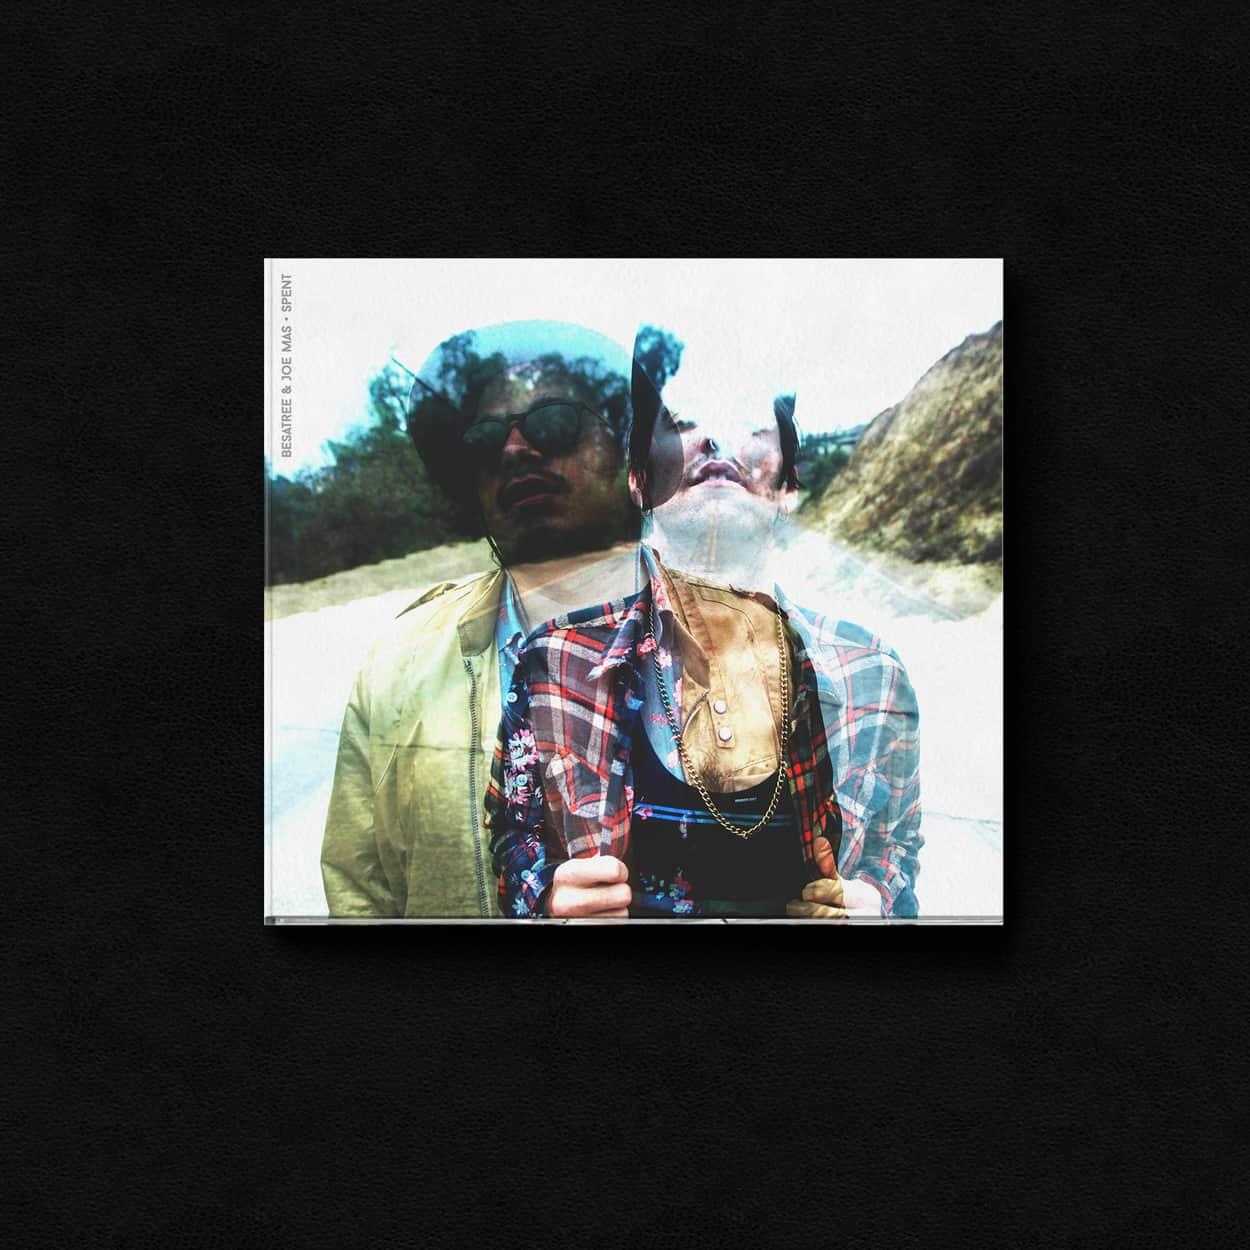 spent - album art design - front